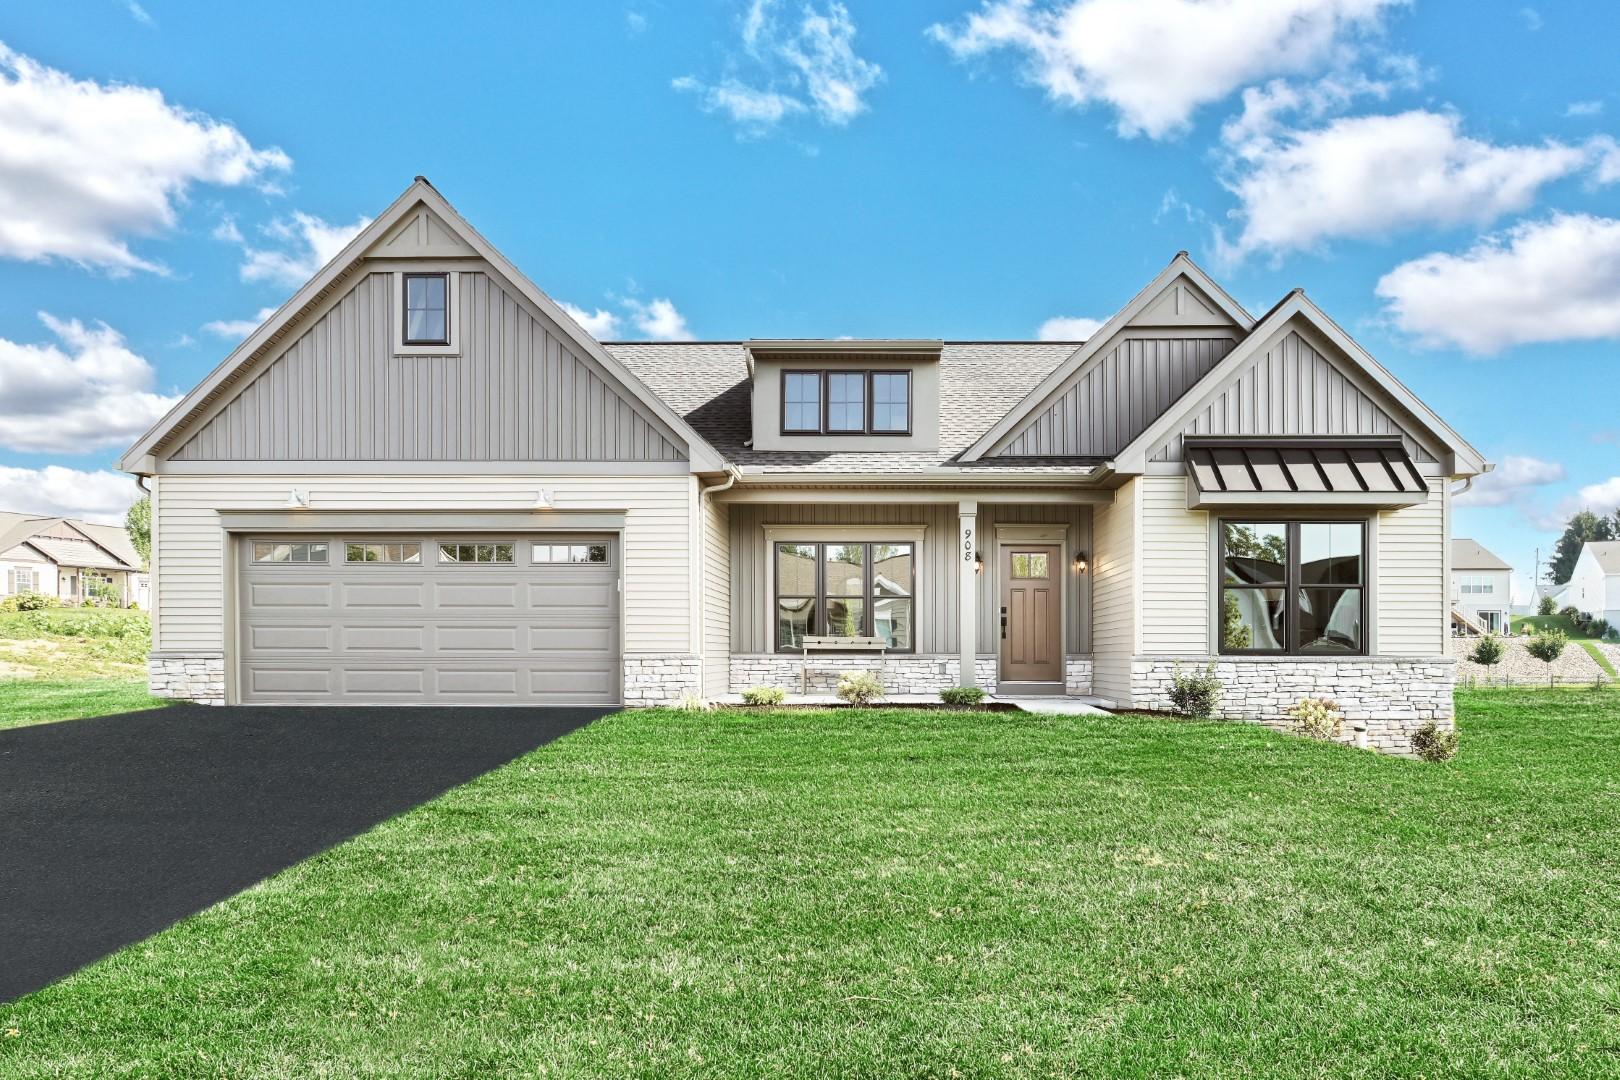 Crossings at Sweetbriar | Pennsylvania Real Estate | Landmark Homes